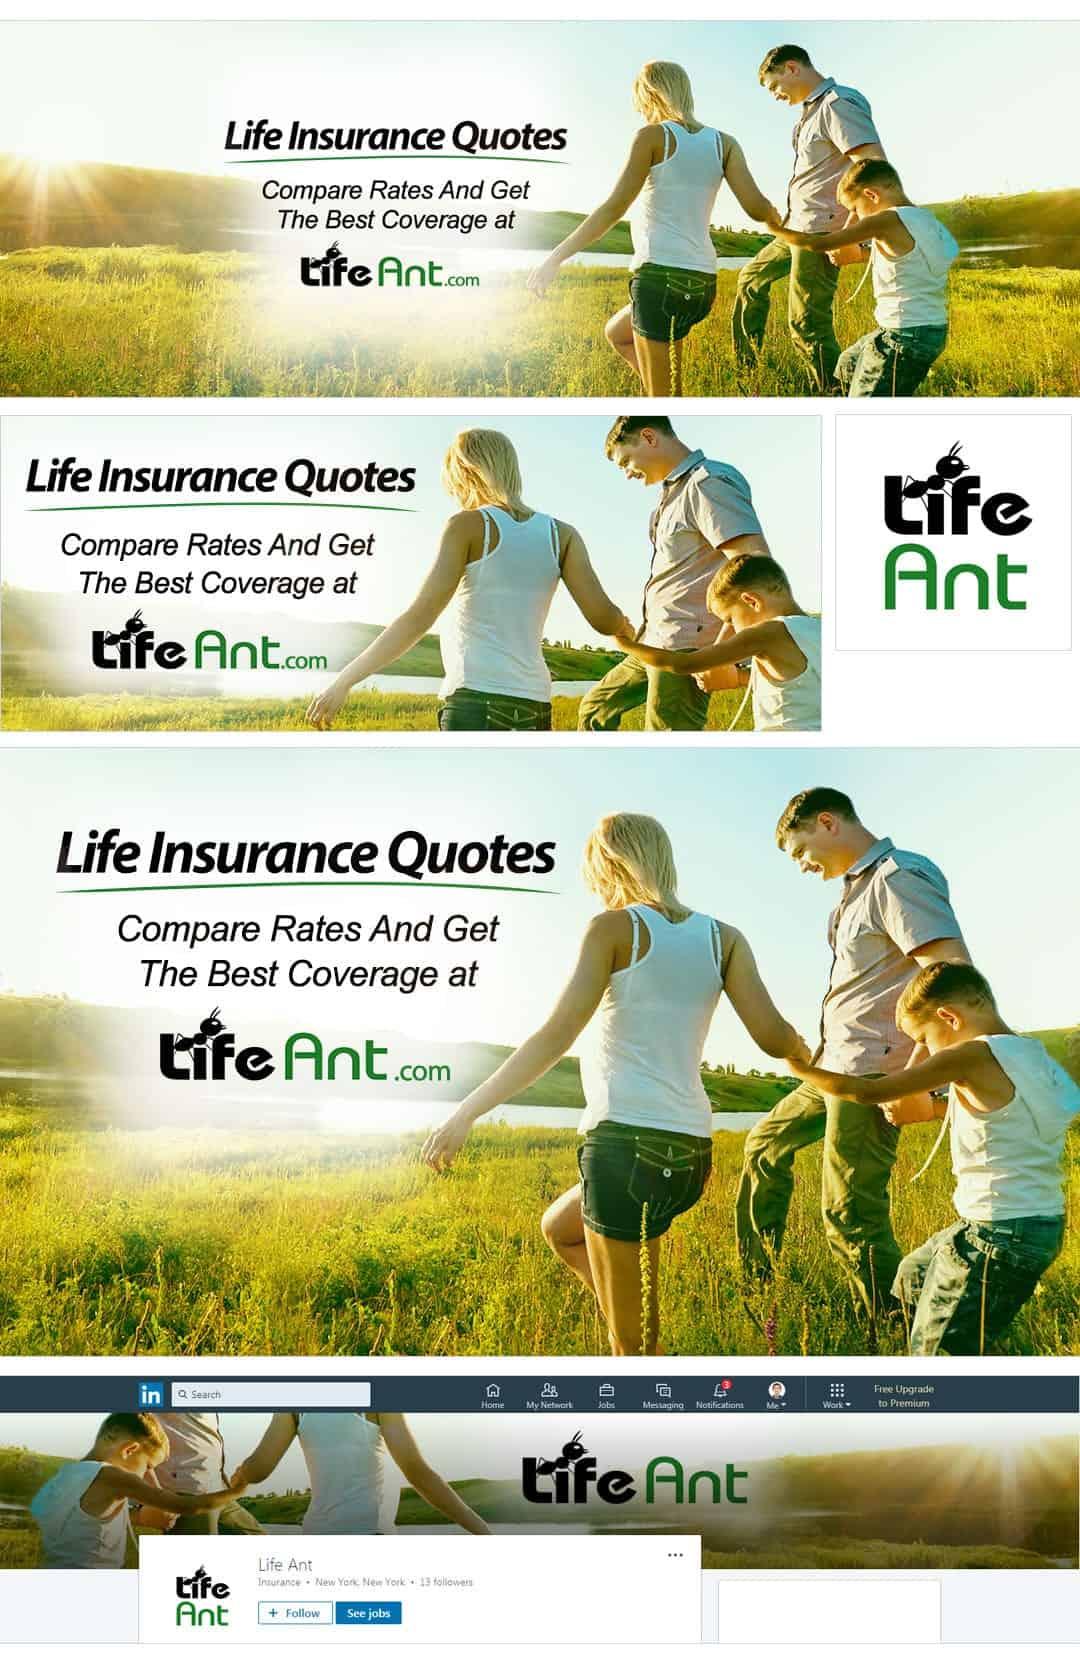 חבילת מדיה חברתית לחברת ביטוח חיים